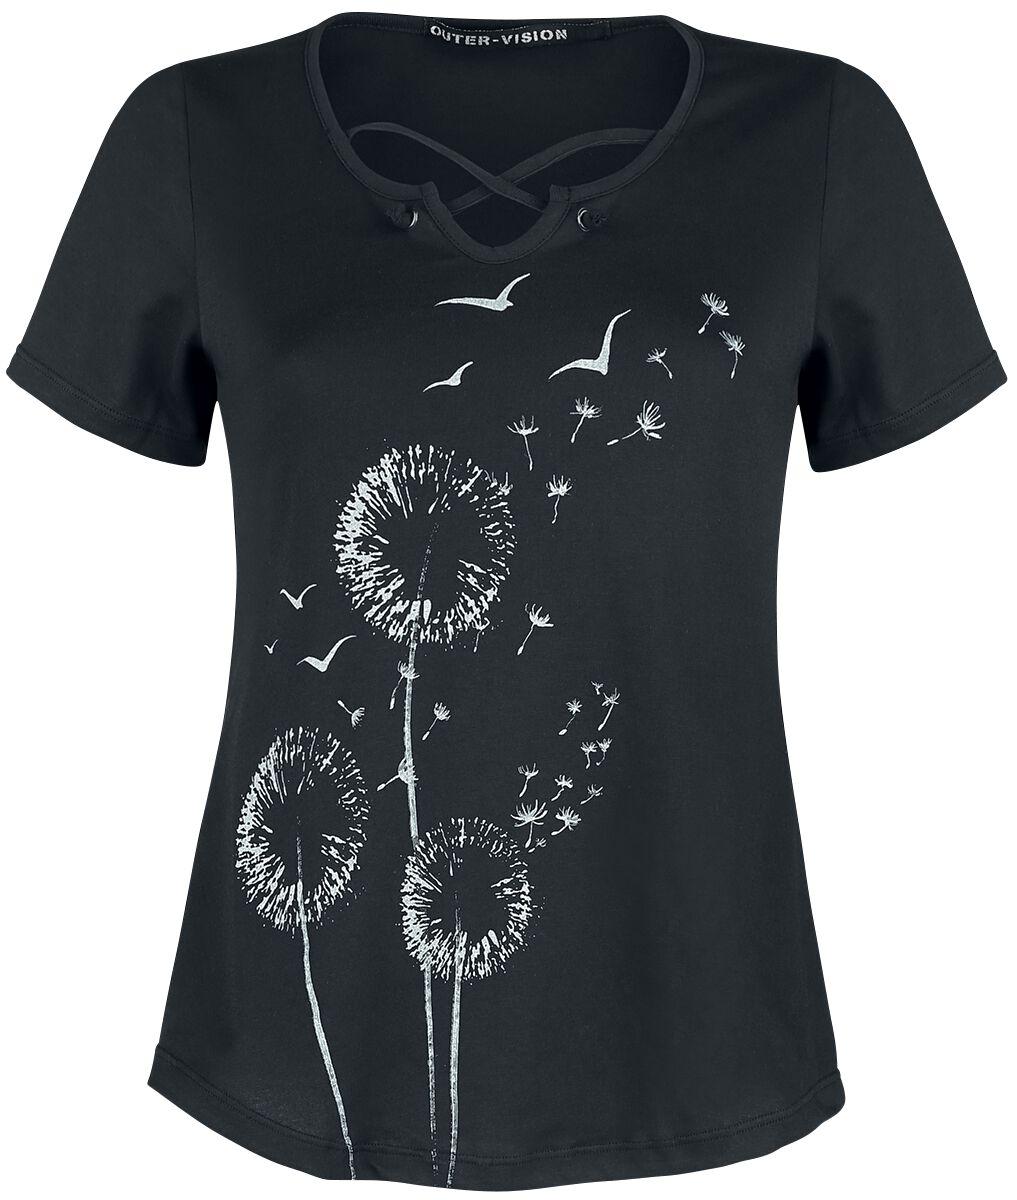 Outer Vision Dandelion Dreams T-Shirt schwarz 10784-OV Woman's T-Shirt Claudia Dandelion Dreams